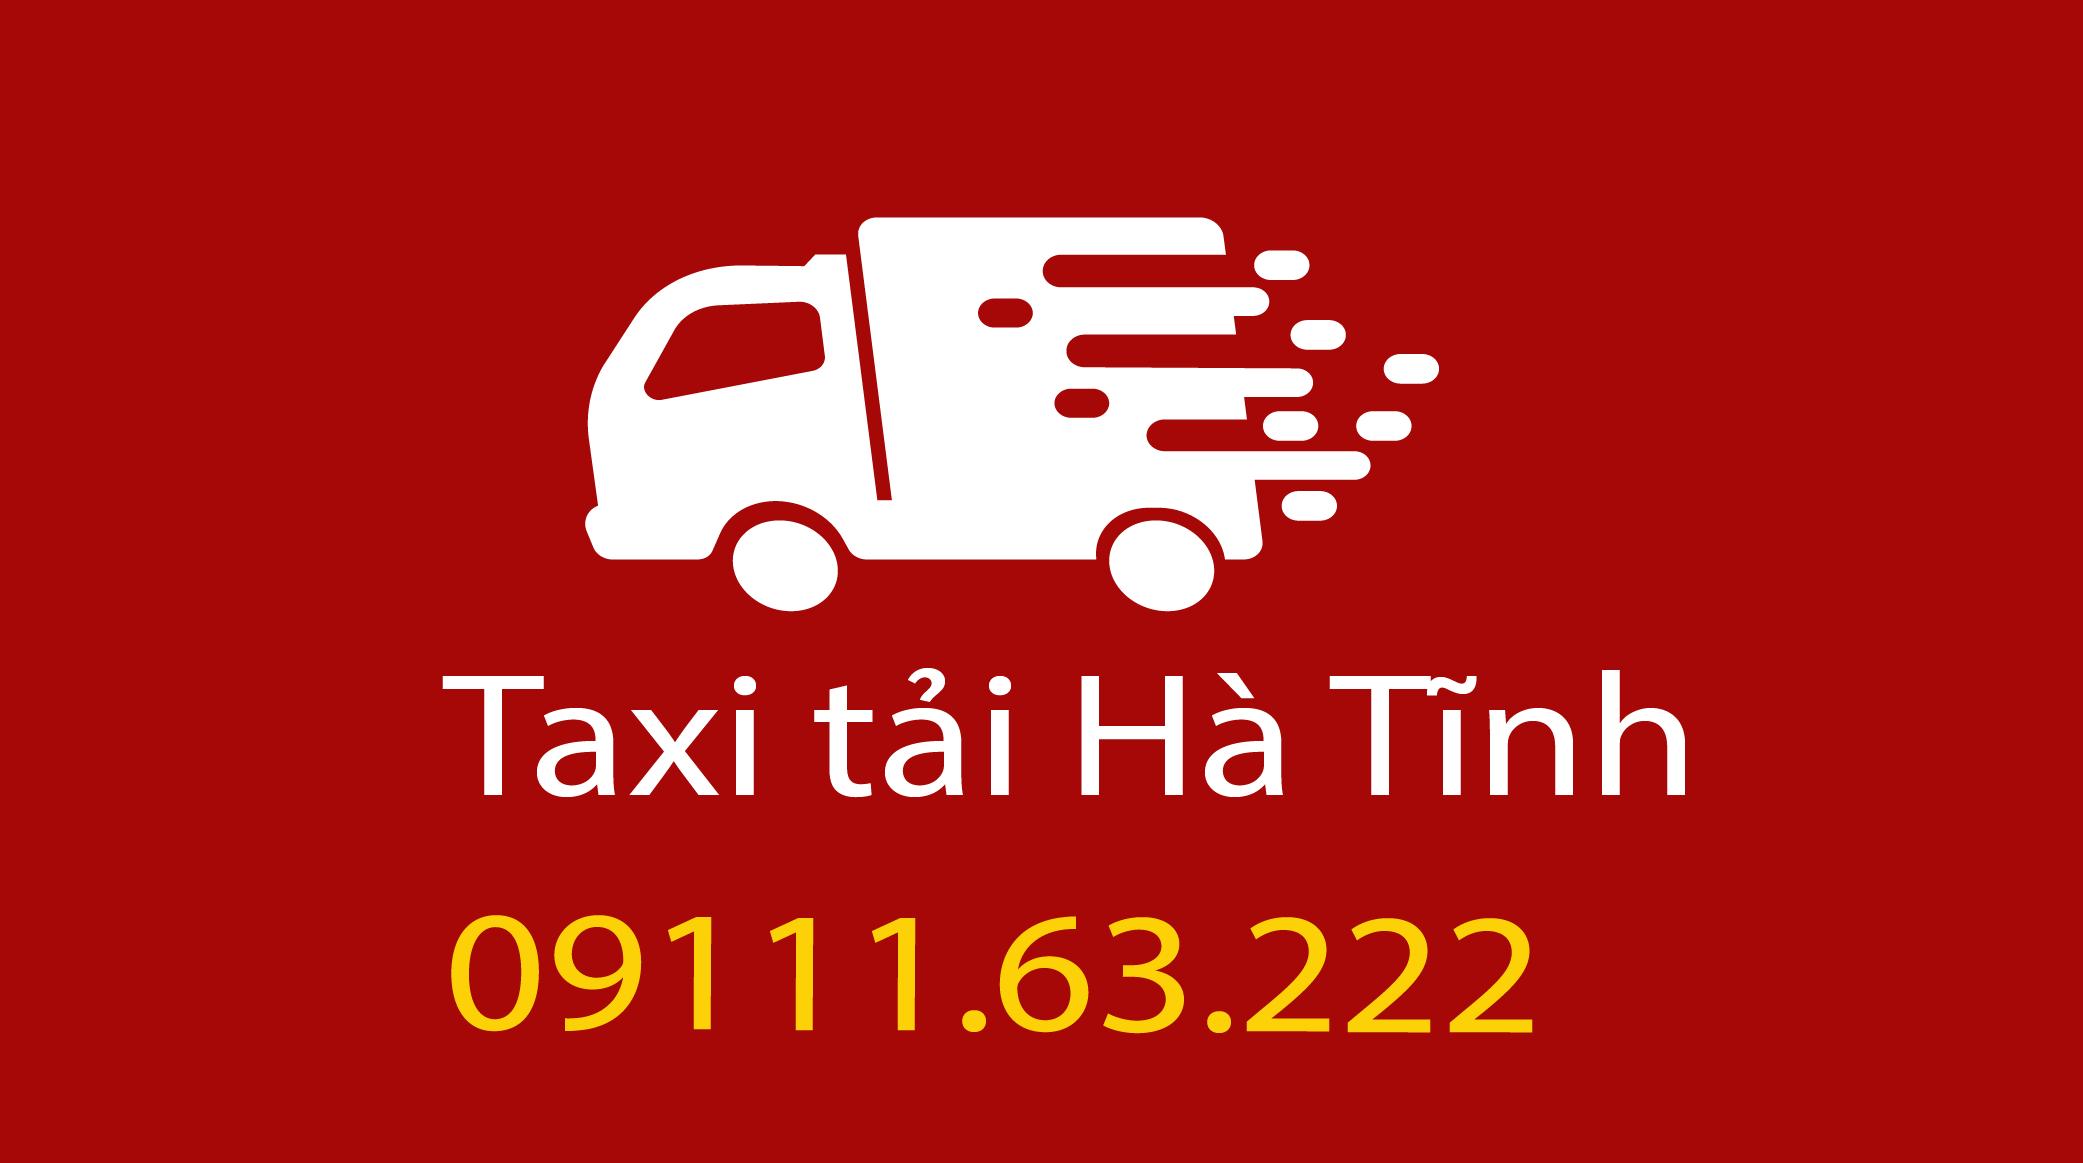 Taxi tải Hà Tĩnh giá rẻ.09111.63.222 – Công ty vận tải Hà Tĩnh số 01